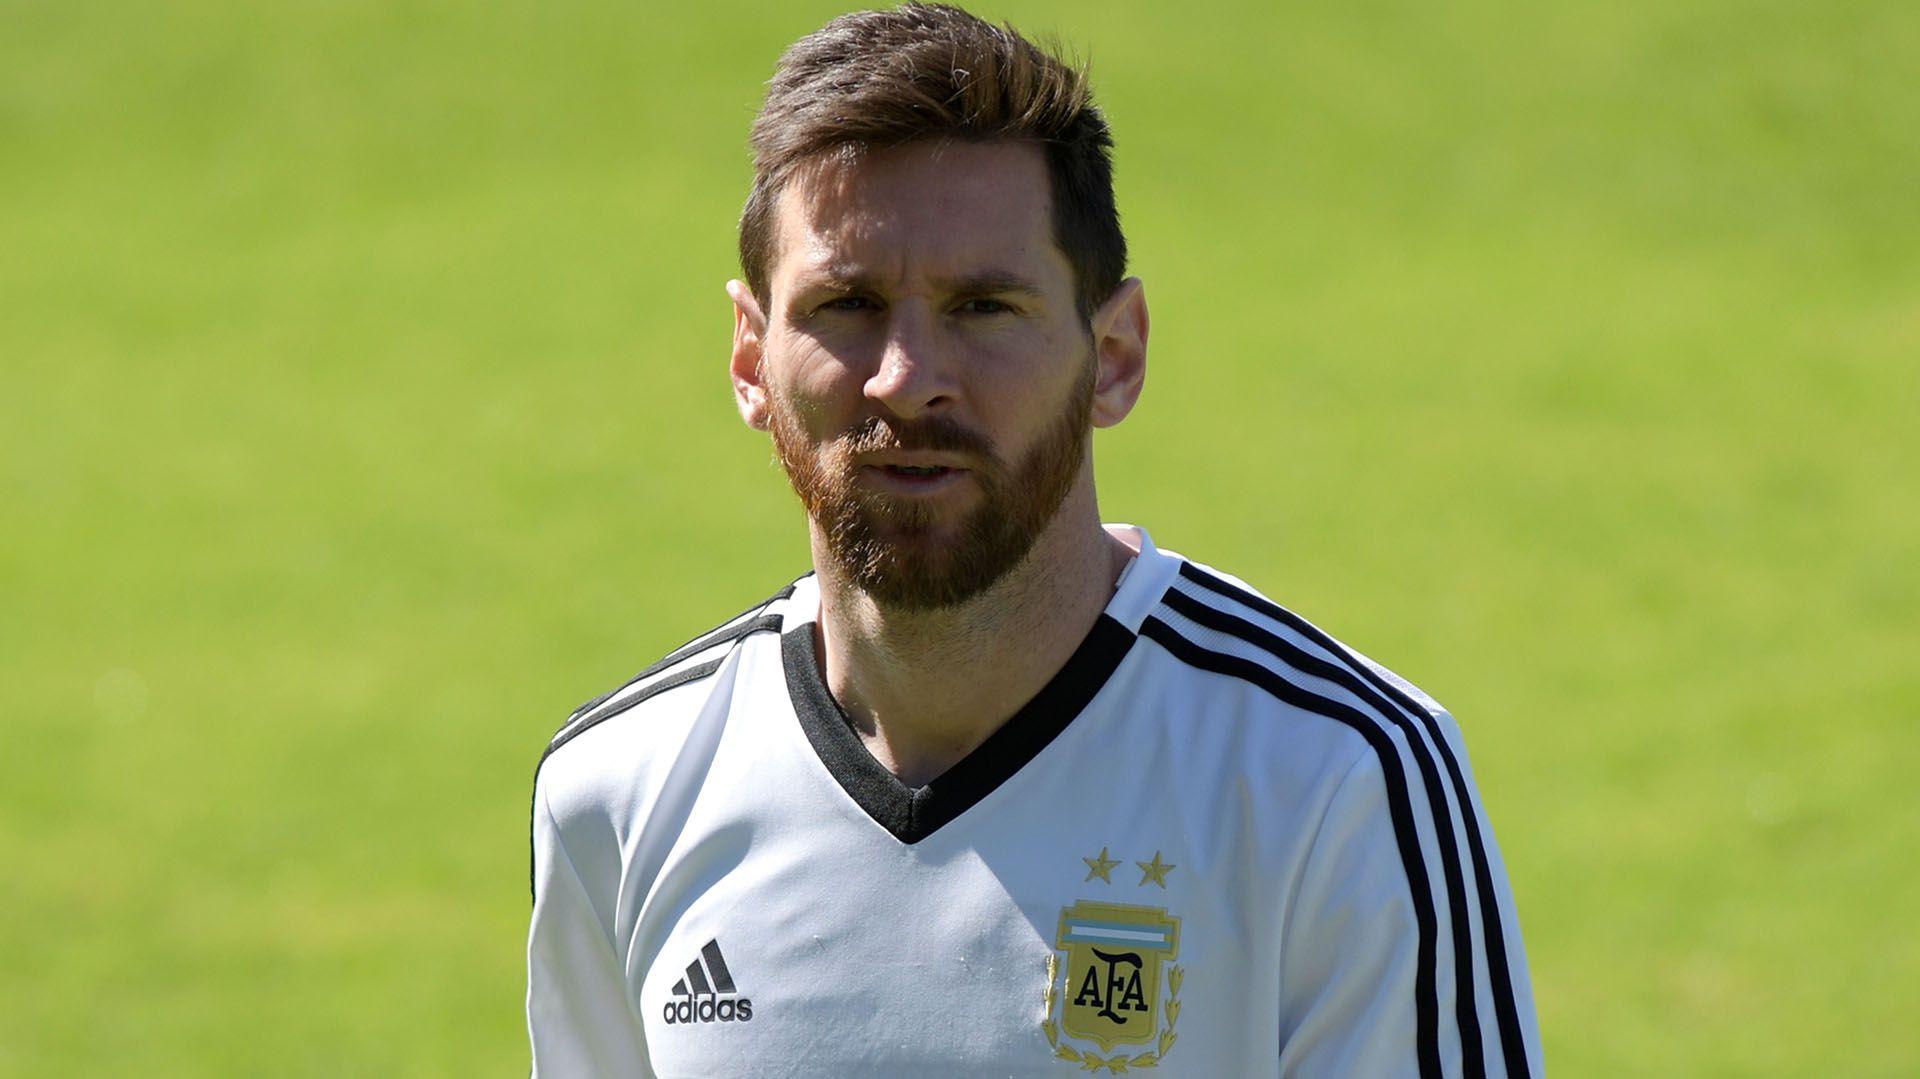 Lionel Messi, máximo goleador de la historia de la selección argentina (REUTERS/Washington Alves)